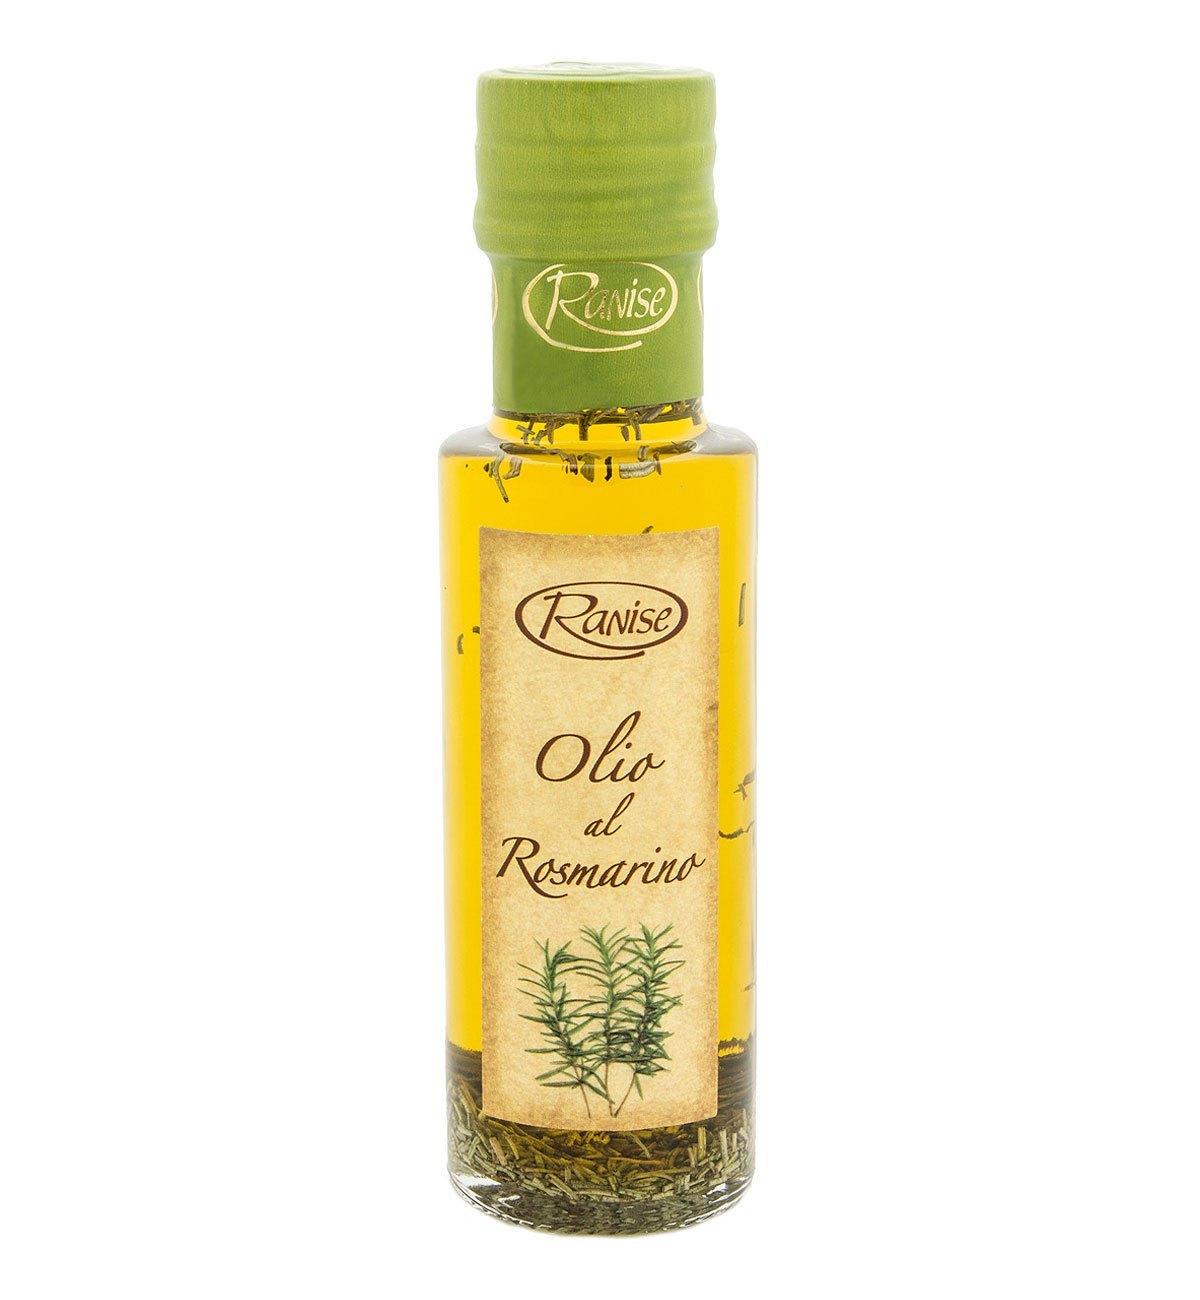 Ranise Rosmarin ekstra oliven olie